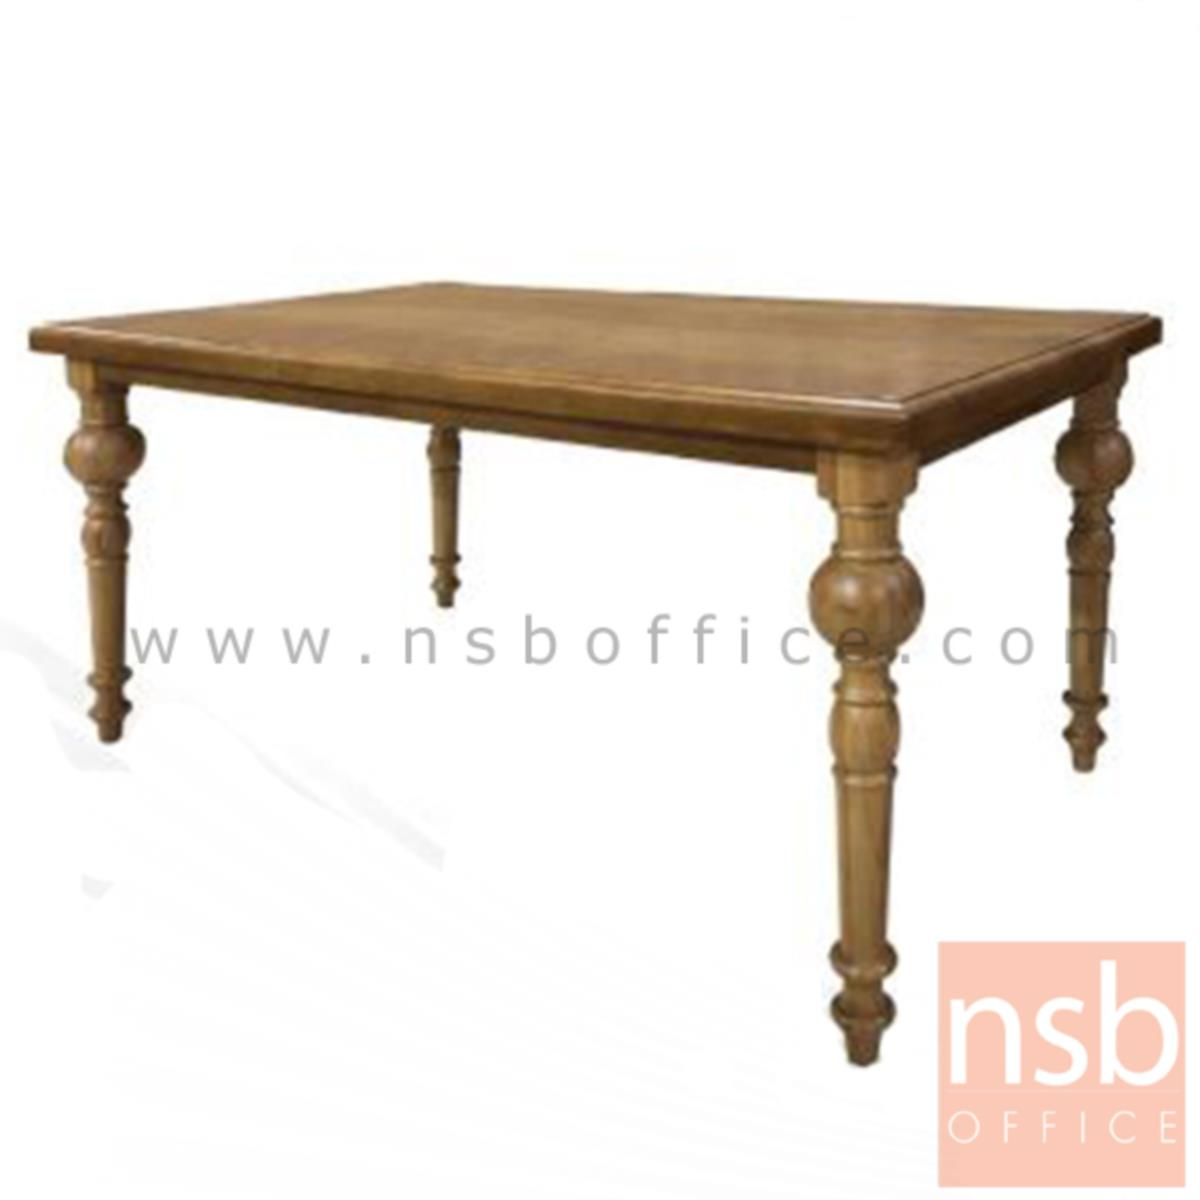 G14A171:โต๊ะรับประทานอาหาร  รุ่น Orangina (ออเรนจิน่า) ขนาด 150W cm.  ขาไม้ ELM กลึงลาย